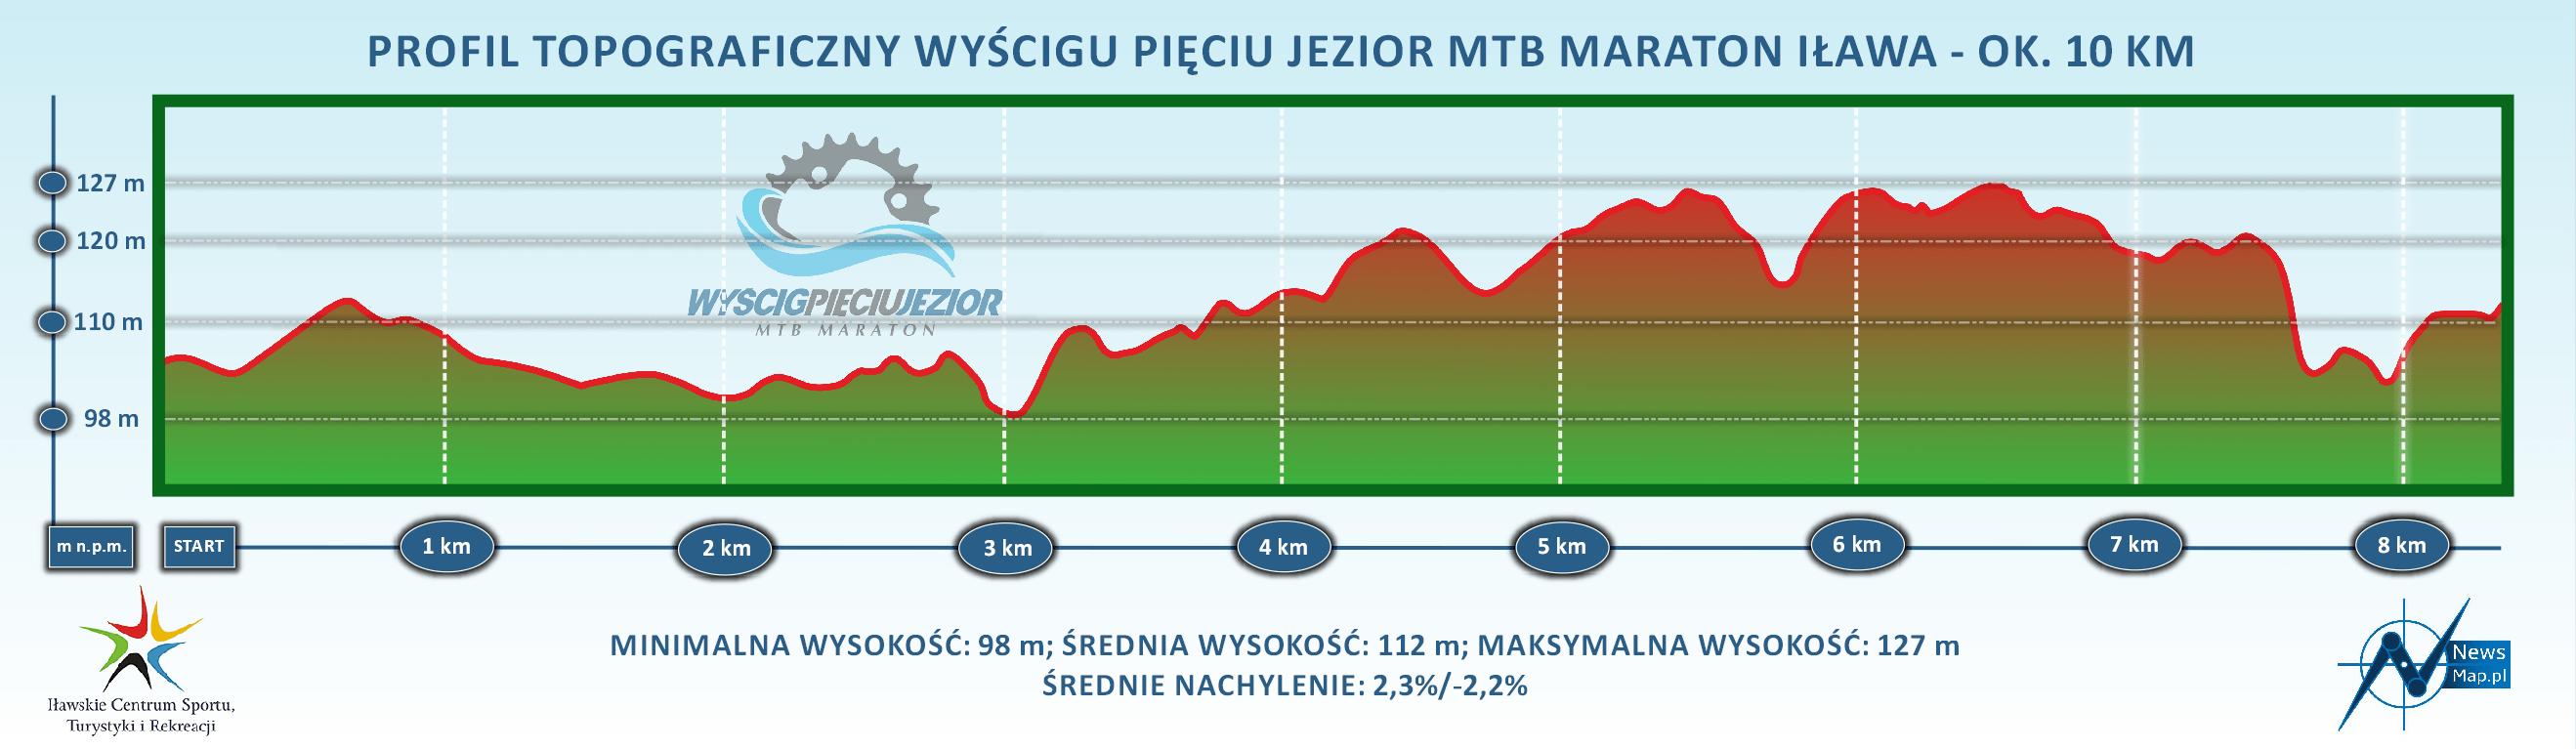 Profil topograficzny mtb maraton Iława 10 km